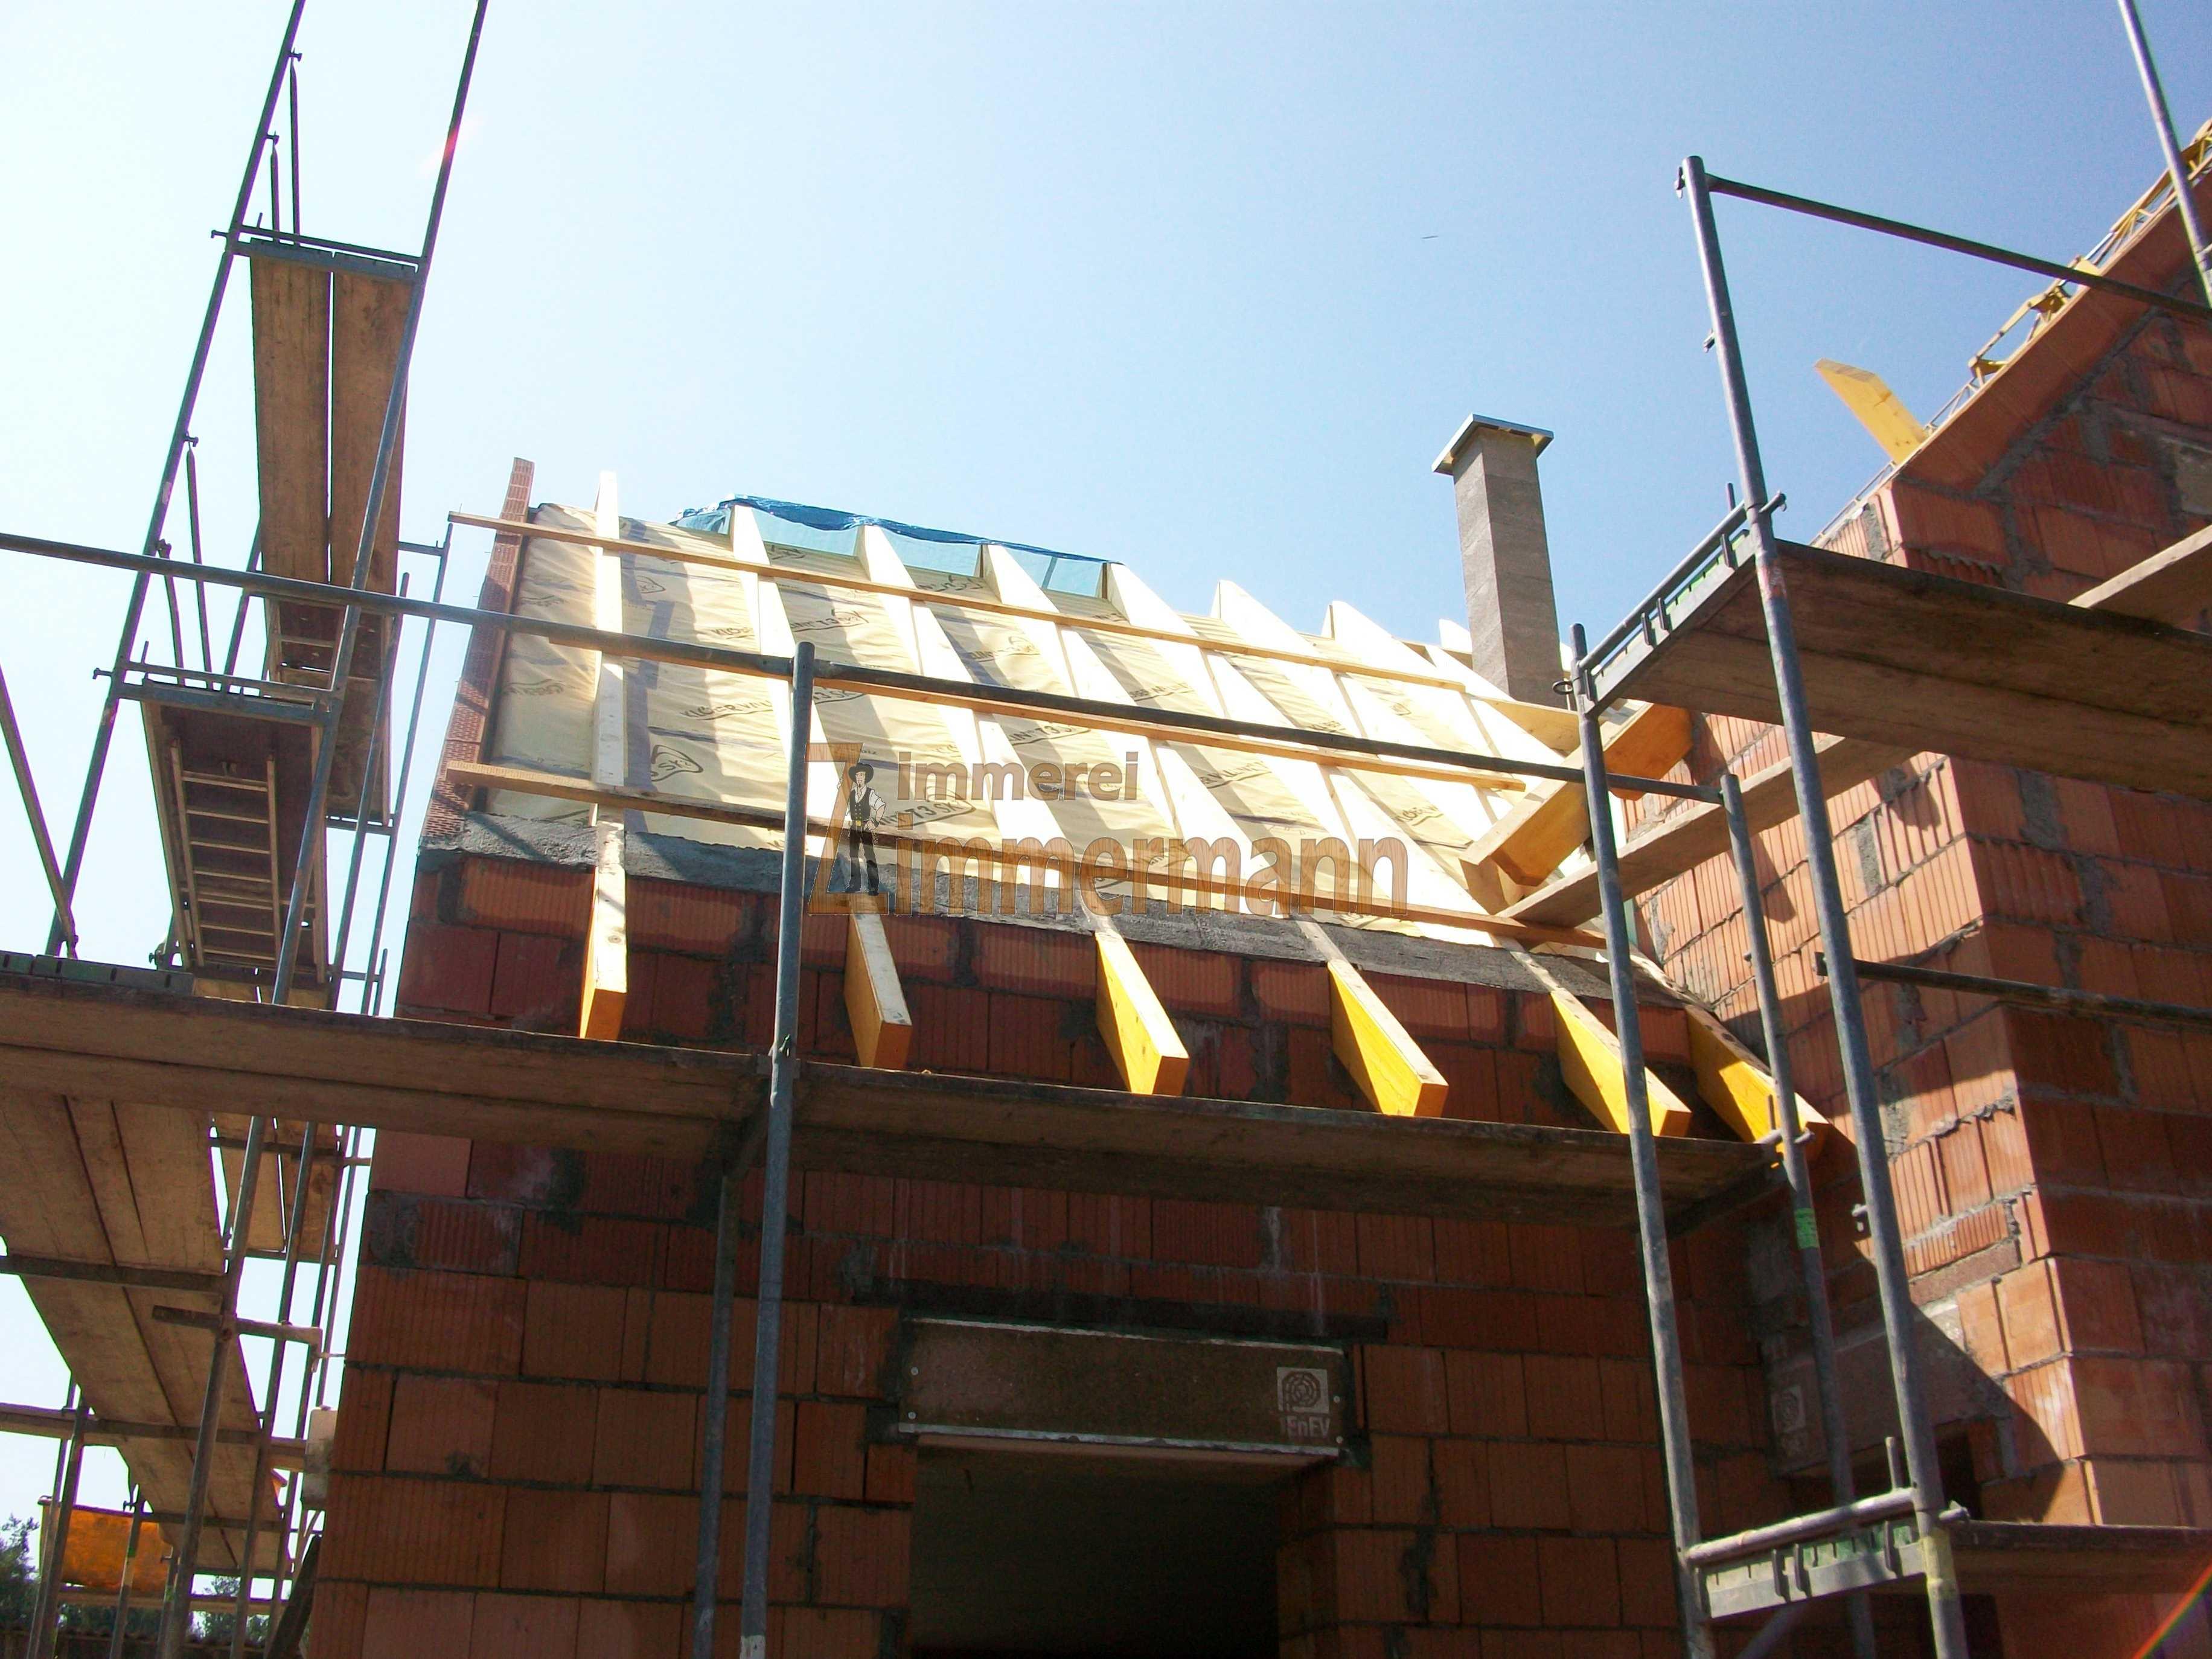 Doppelter Dachstuhl mit Aufdachdämmung